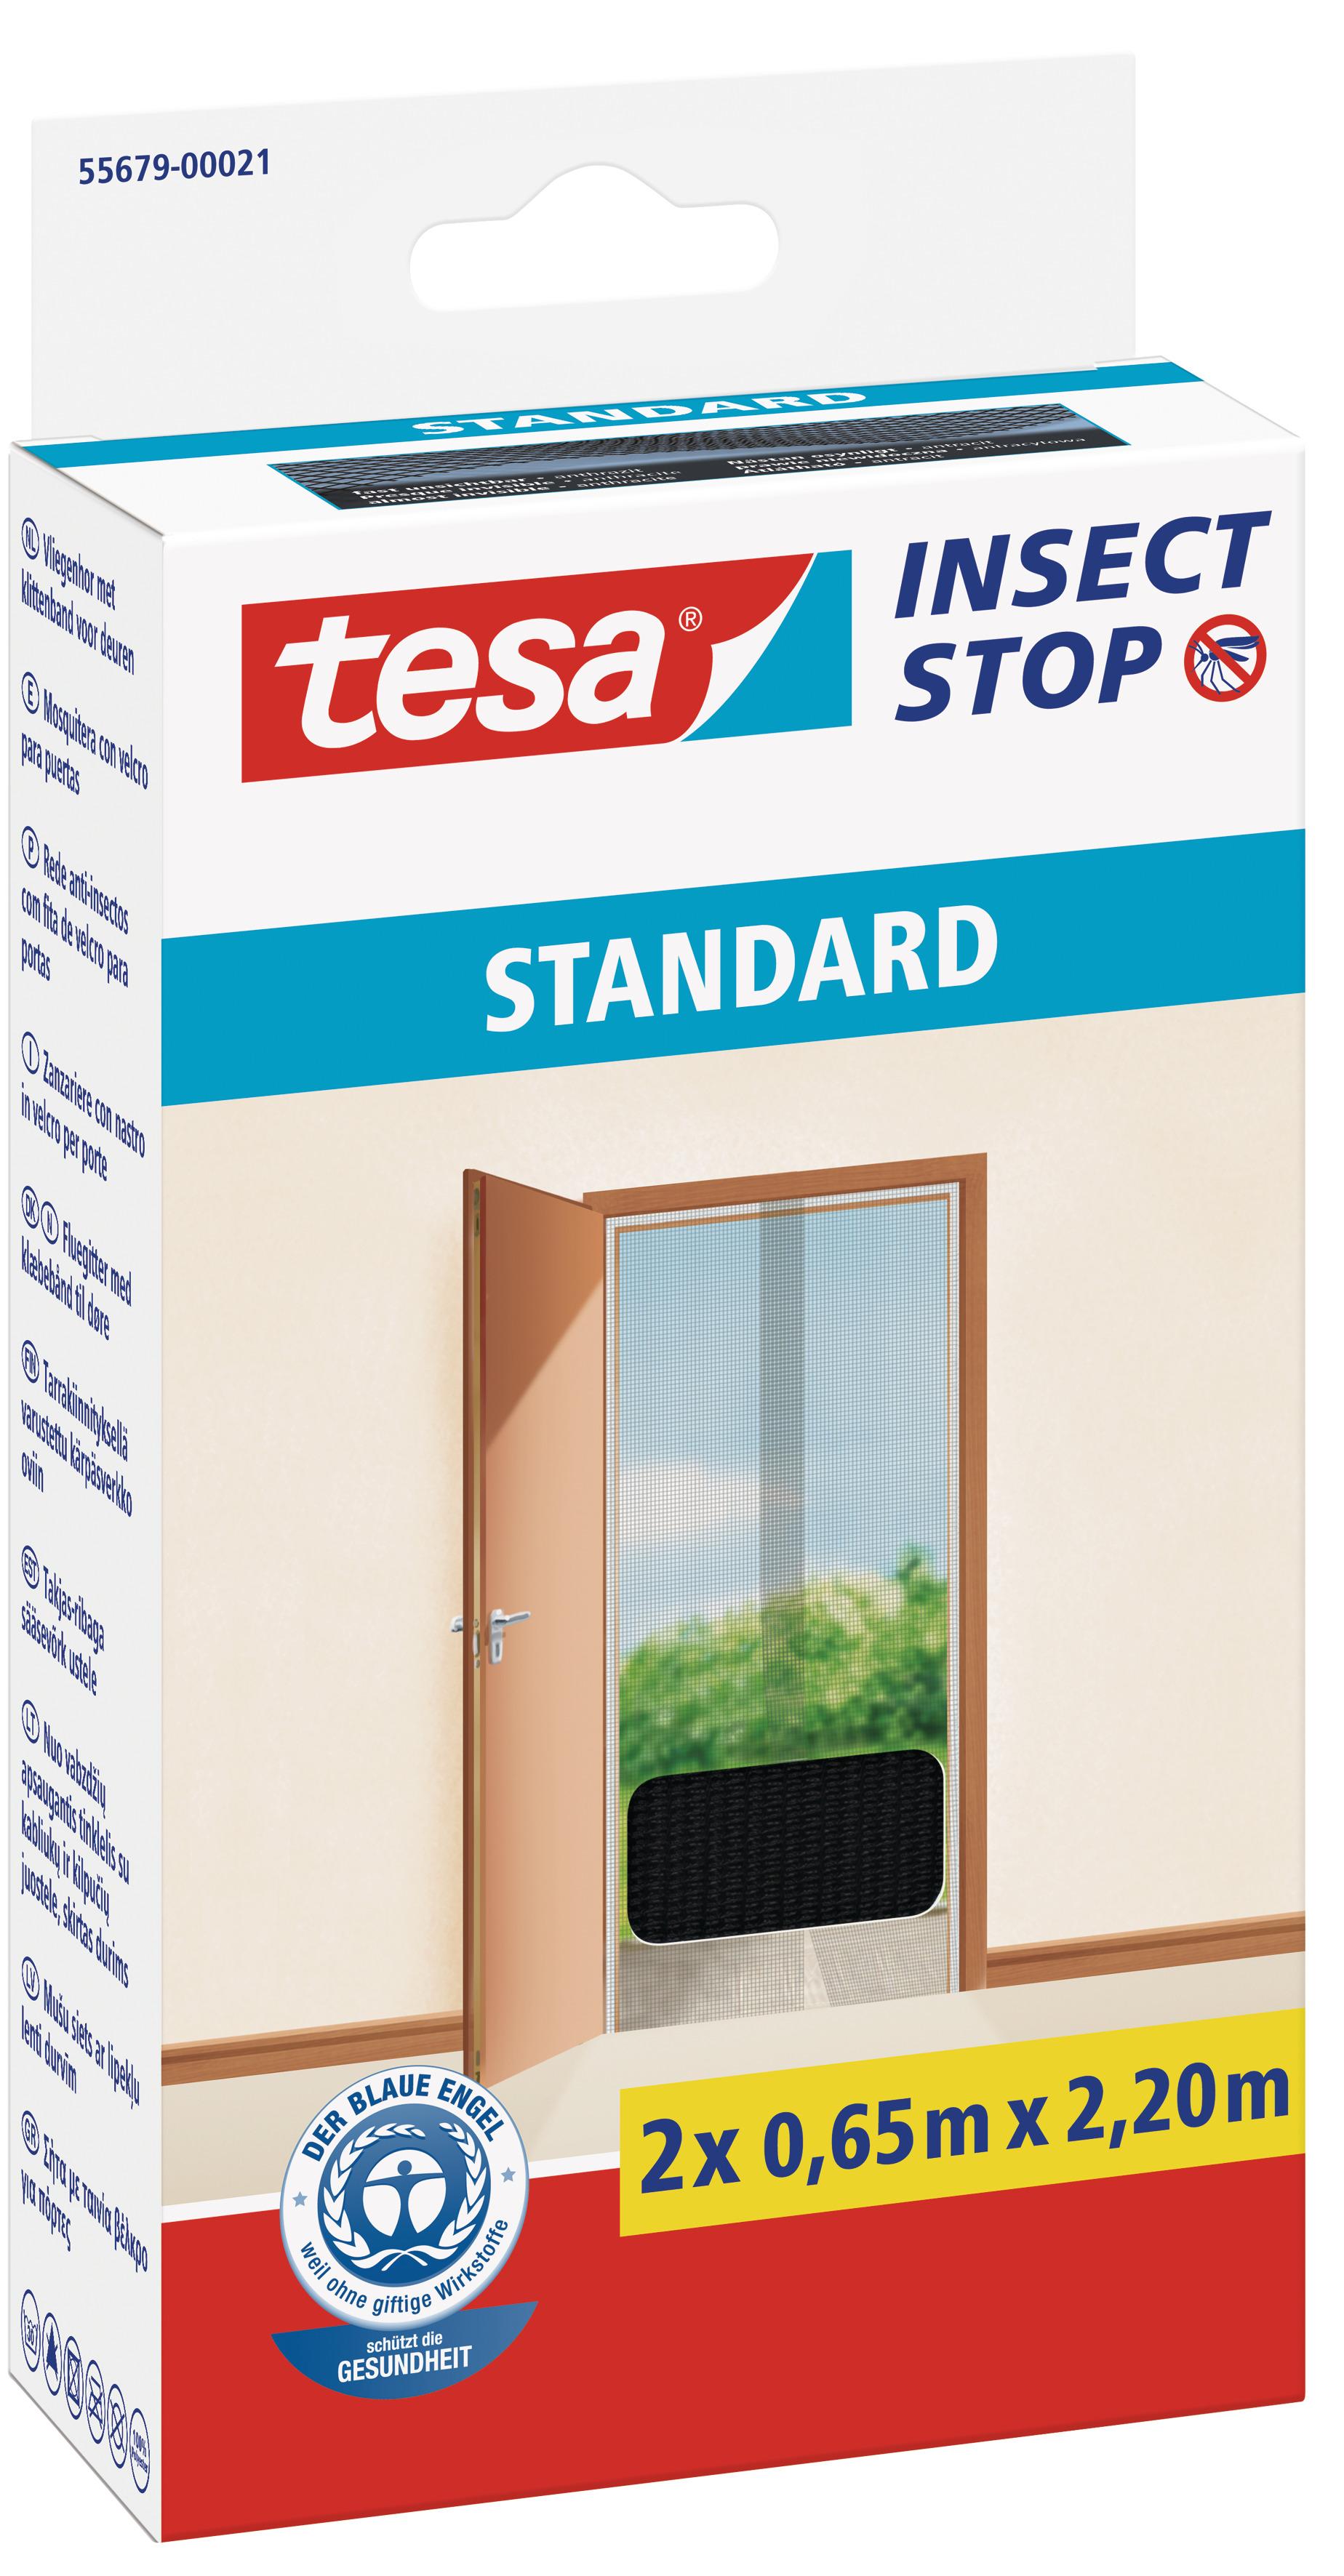 tesa Fliegengitter Standard Klettband für Tür 2 x 0,65 m : 2,2 m, anthrazit